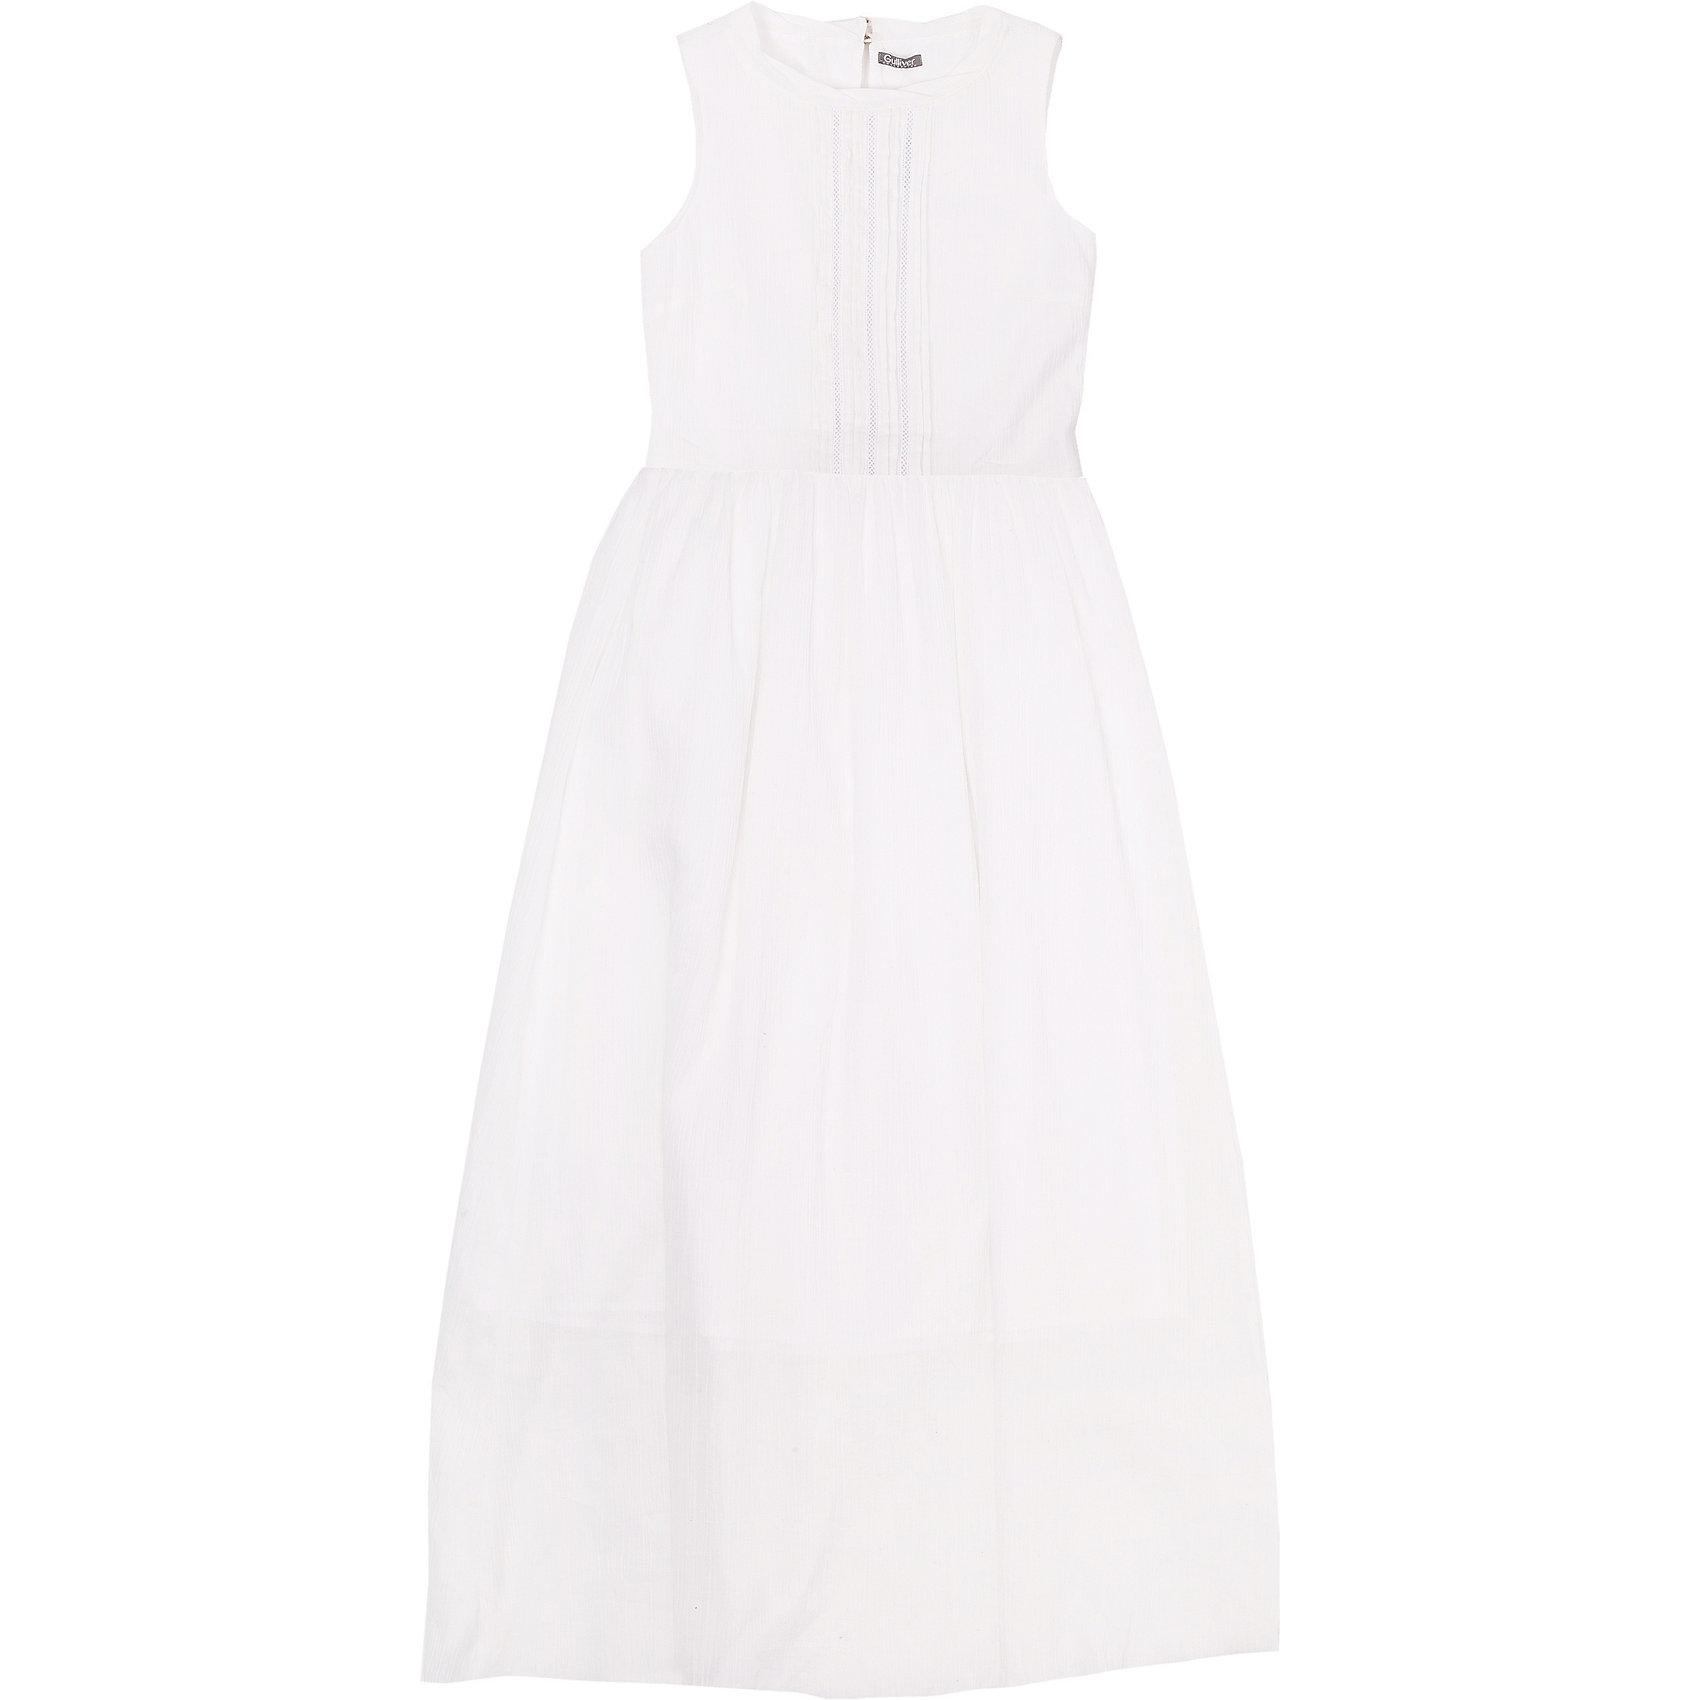 Платье для девочки GulliverОдежда<br>Ох уж эти модницы… Их летний гардероб пестрит нарядами, но разве можно устоять перед новым белым длинным платьем без рукавов? Модное летнее платье для девочки-подростка выполнено из батиста. Тонкое, нежное, изящное, платье выглядит выразительно. Передняя часть модели оформлена вертикальными защипами. Для любительниц романтического стиля платье можно дополнить  вязаным кардиганом, а тот, кто предпочитает одеваться смелее, завершит образ стильным джинсовым жилетом, создав яркий современный комплект.<br>Состав:<br>верх:               100% хлопок; подкладка:            100% хлопок<br><br>Ширина мм: 236<br>Глубина мм: 16<br>Высота мм: 184<br>Вес г: 177<br>Цвет: белый<br>Возраст от месяцев: 144<br>Возраст до месяцев: 156<br>Пол: Женский<br>Возраст: Детский<br>Размер: 158,164,152,146<br>SKU: 4535023